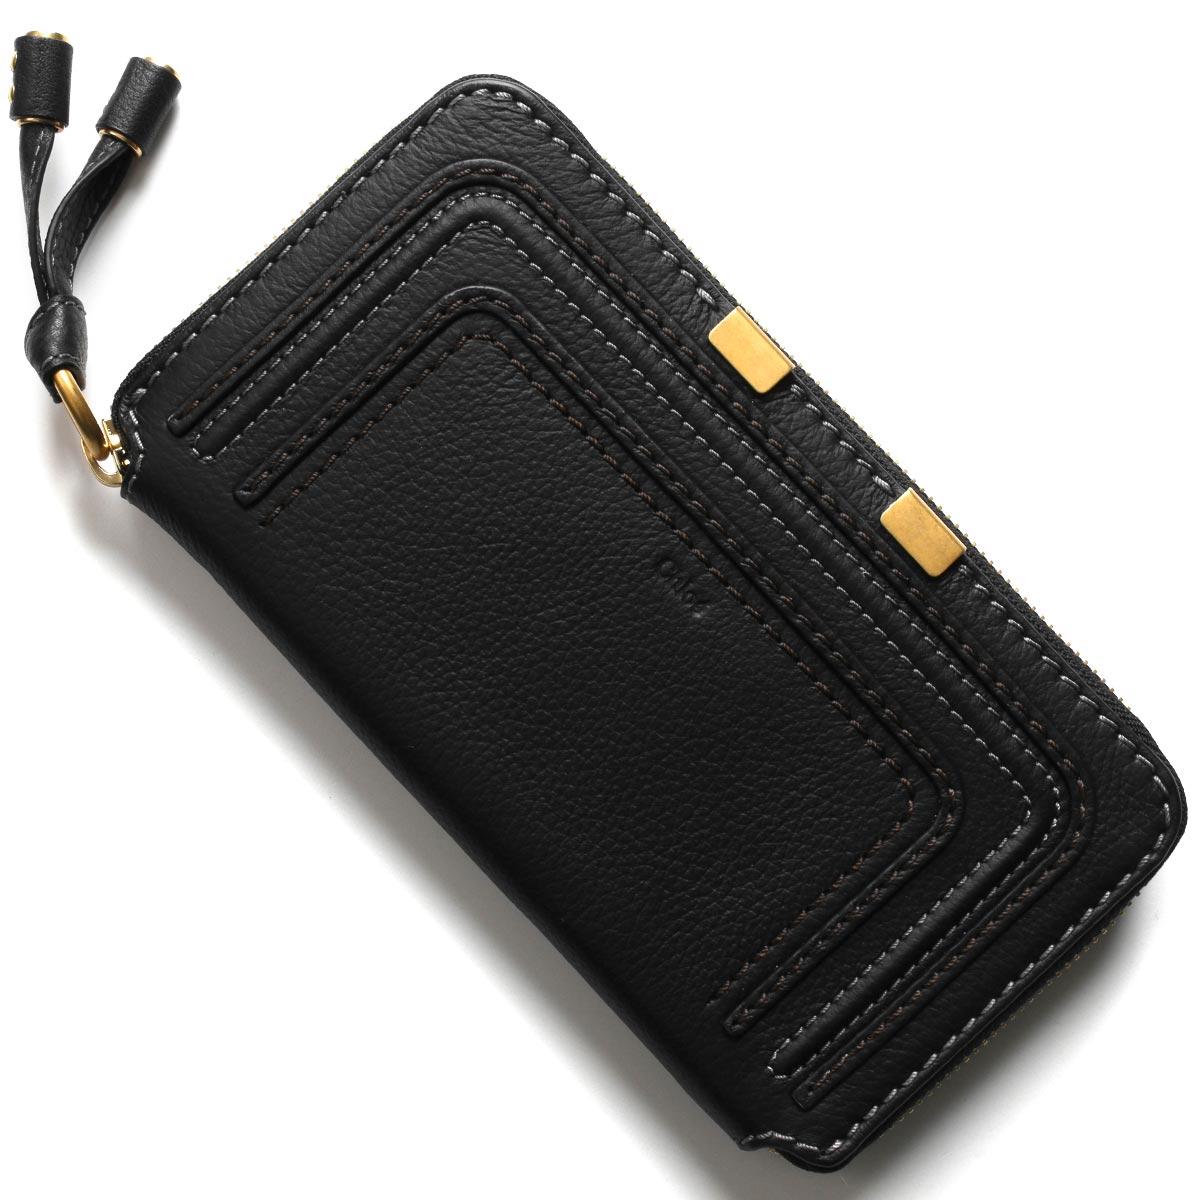 クロエ 長財布 財布 レディース マーシー ブラック CHC10UP571 161 001 CHLOE